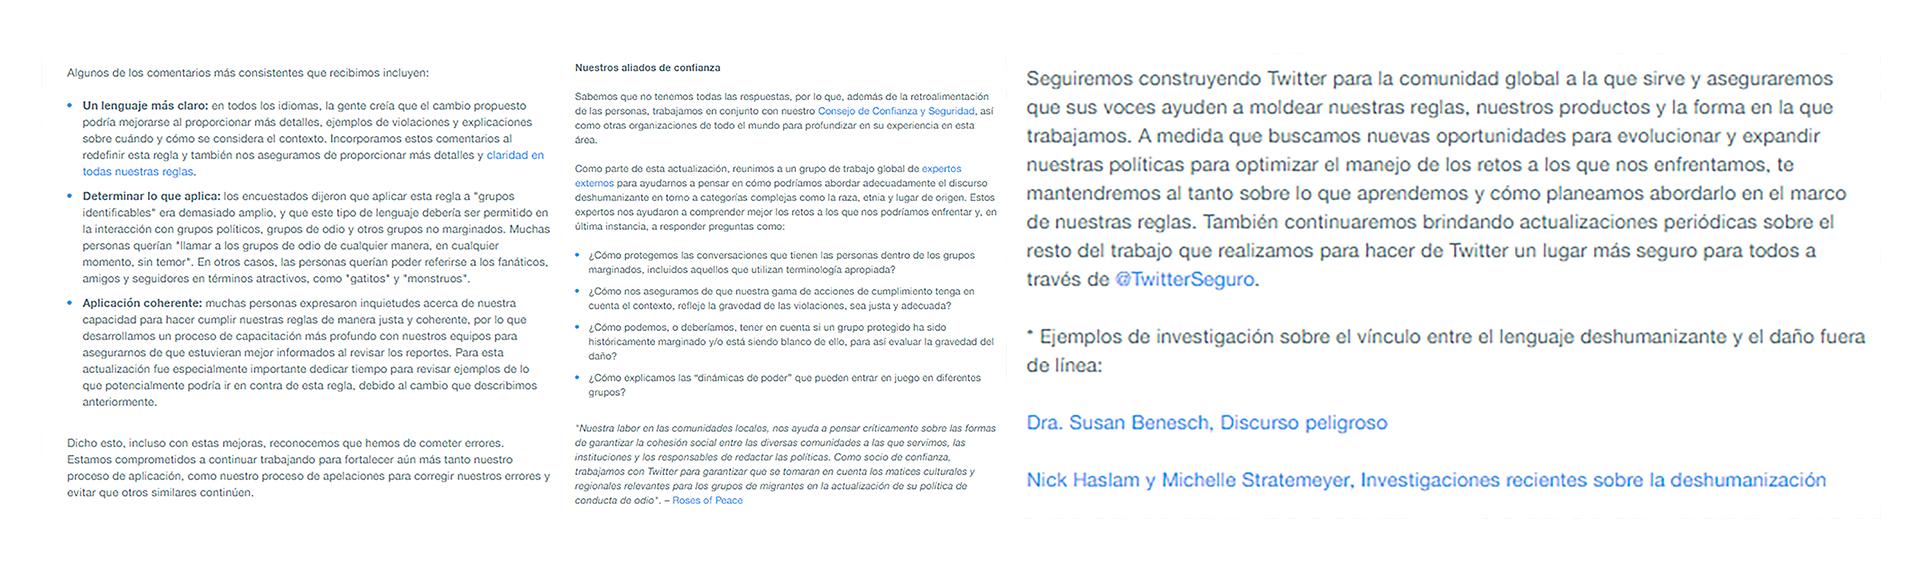 Para ampliar sus políticas, Twitter se ha beneficiado de los comentarios de varias comunidades y culturas que usan la red social en todo el mundo